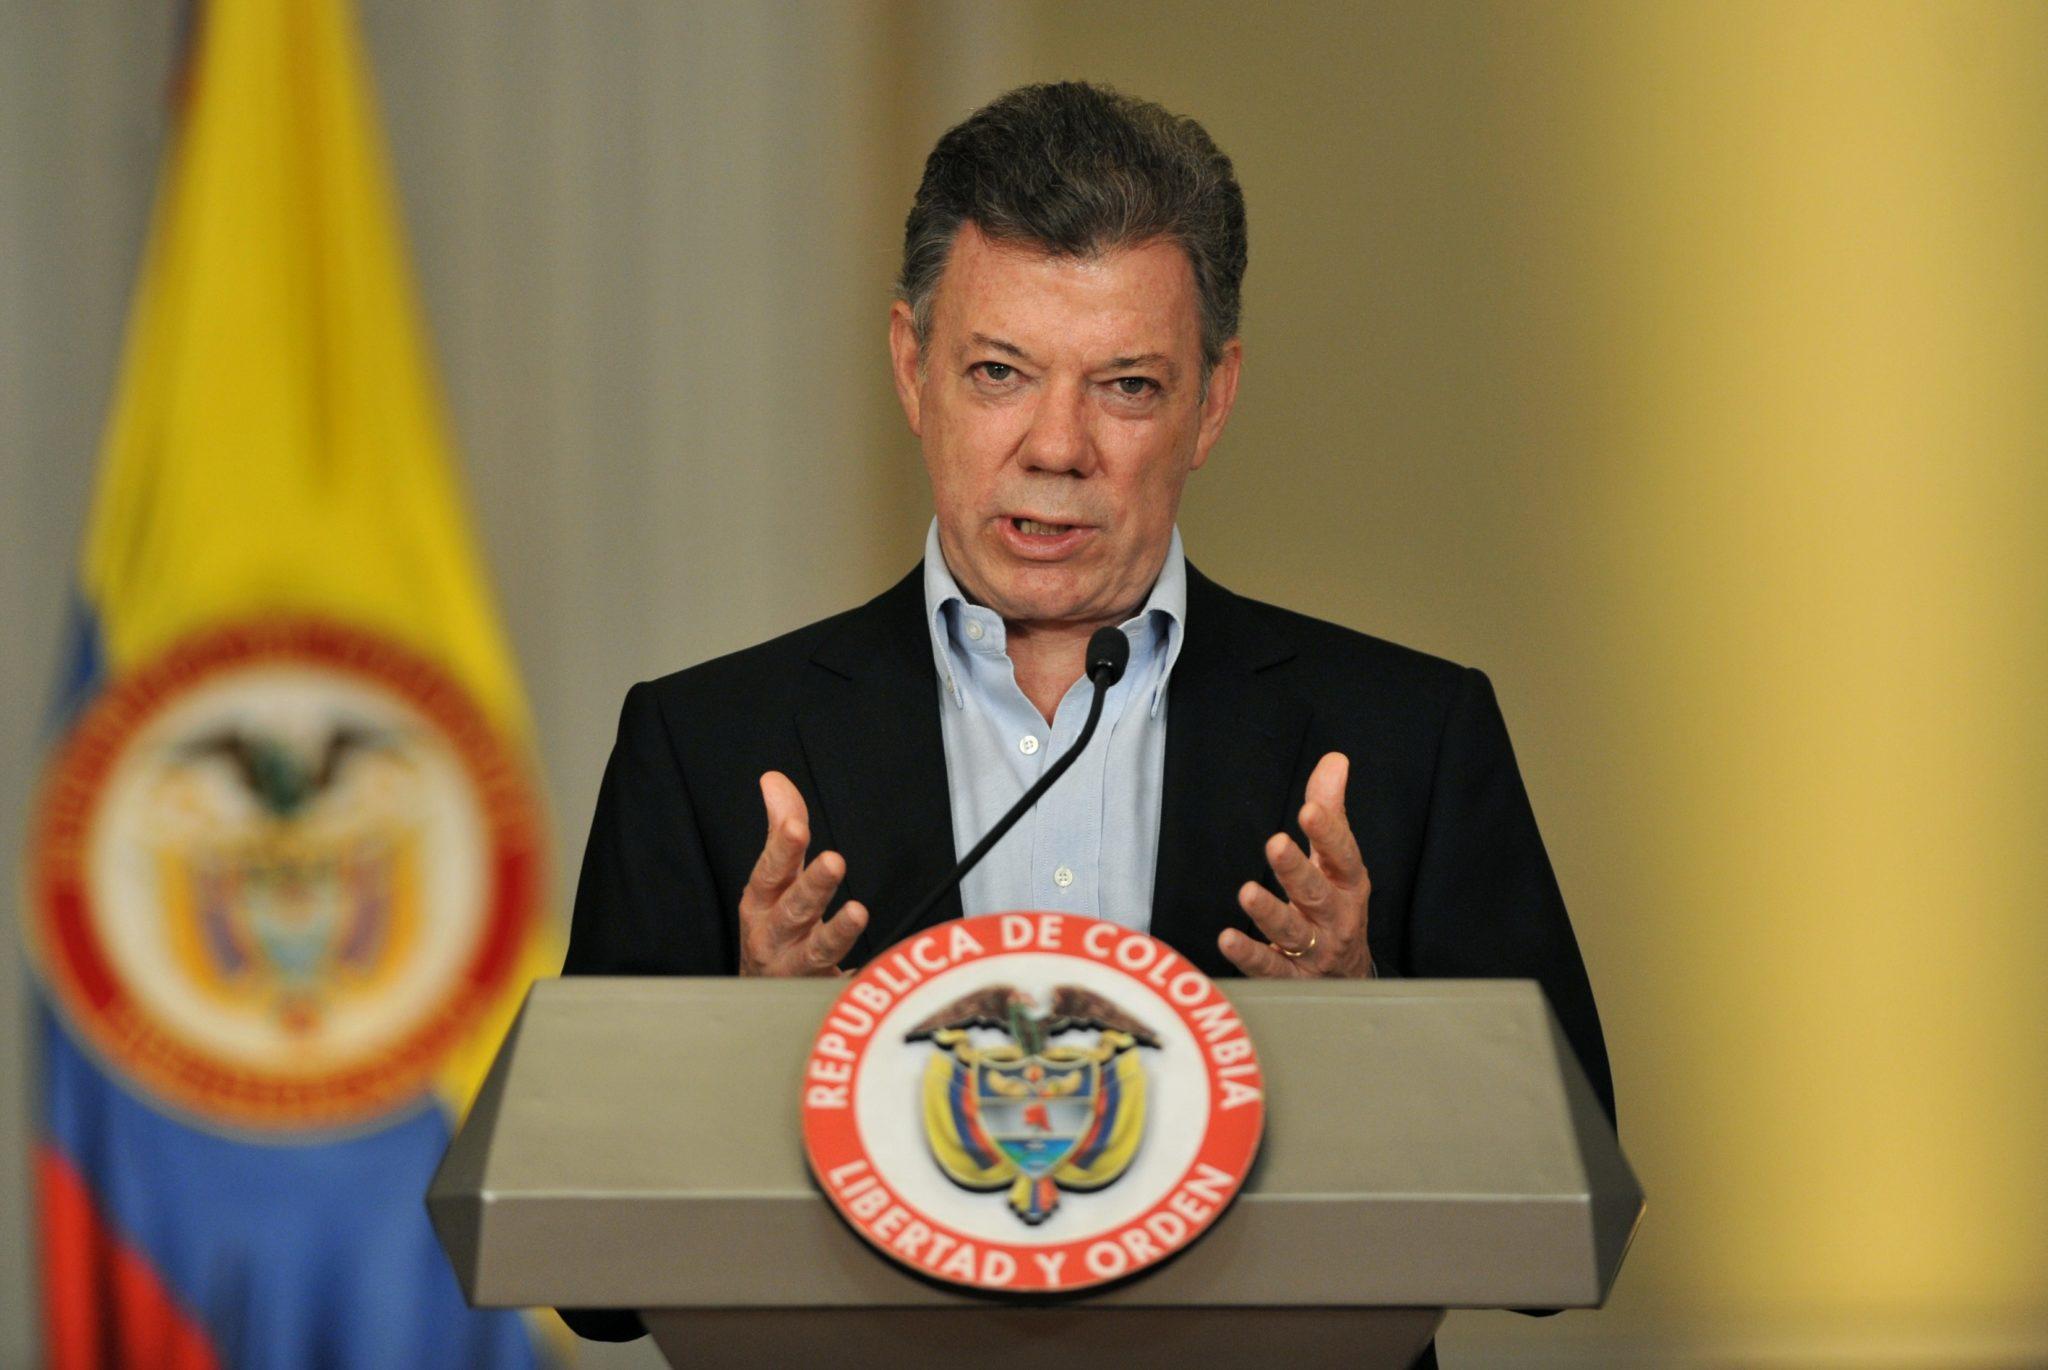 Premio Nobel per la Pace 2016 al presidente colombiano Santos